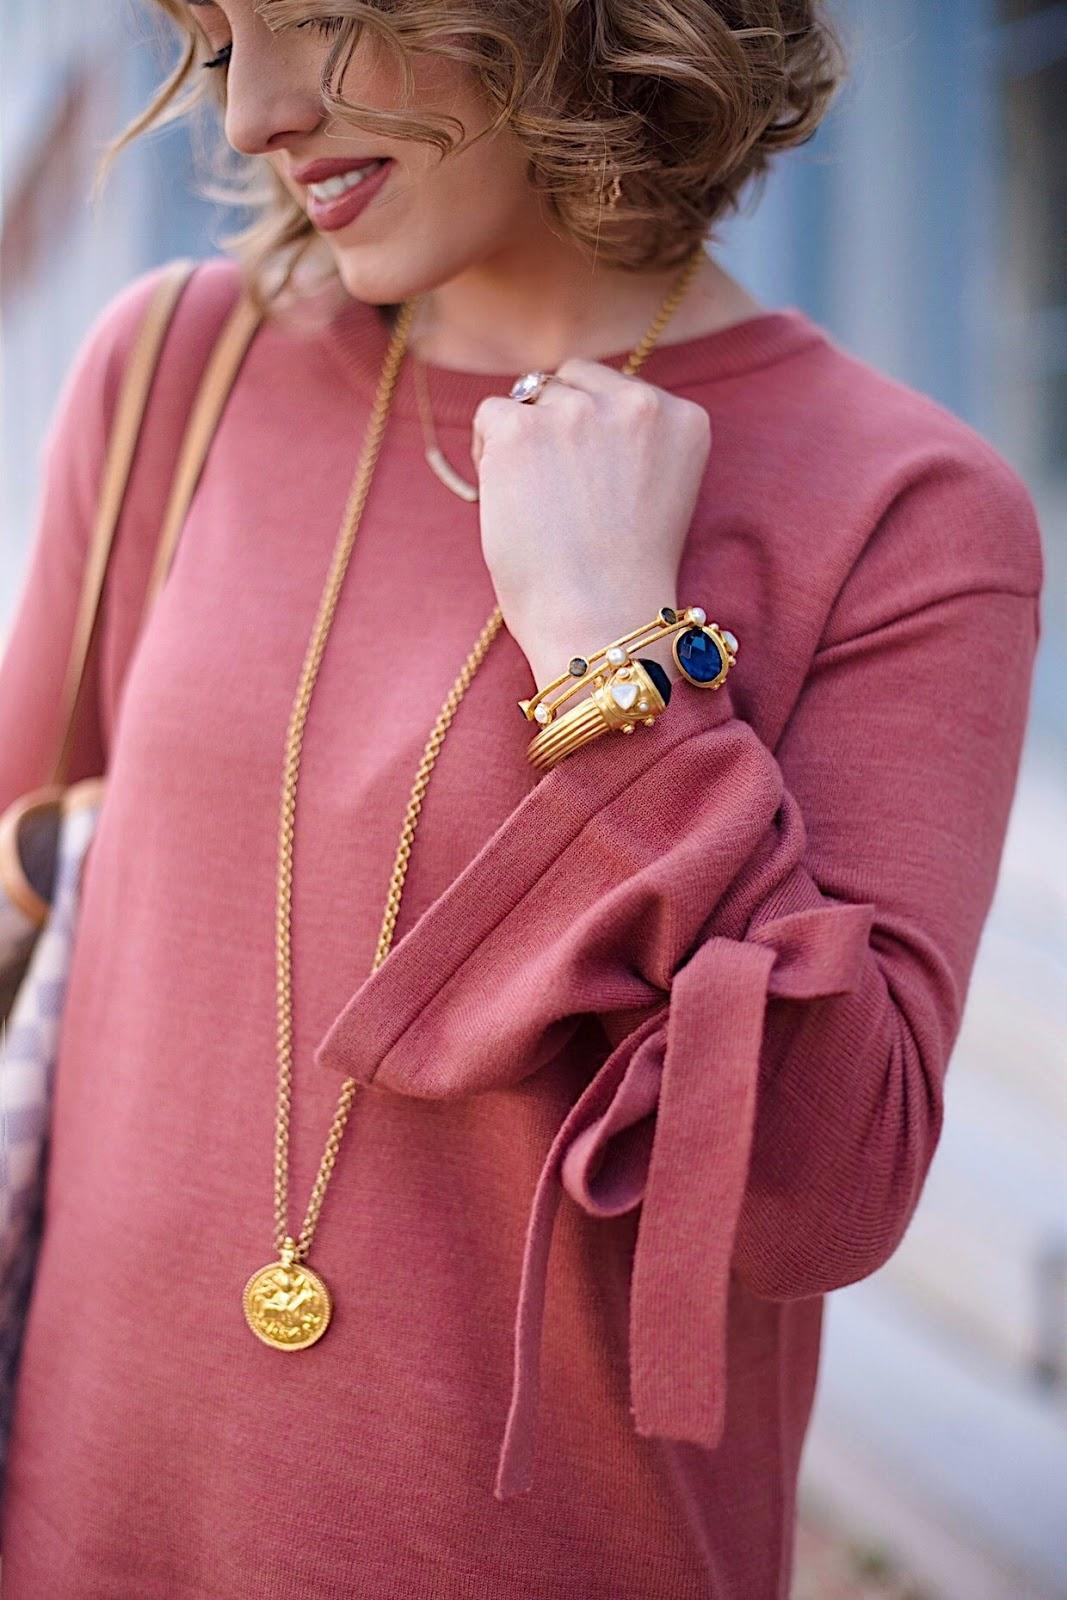 Julie Vos Necklace and Bracelets - Something Delightful Blog